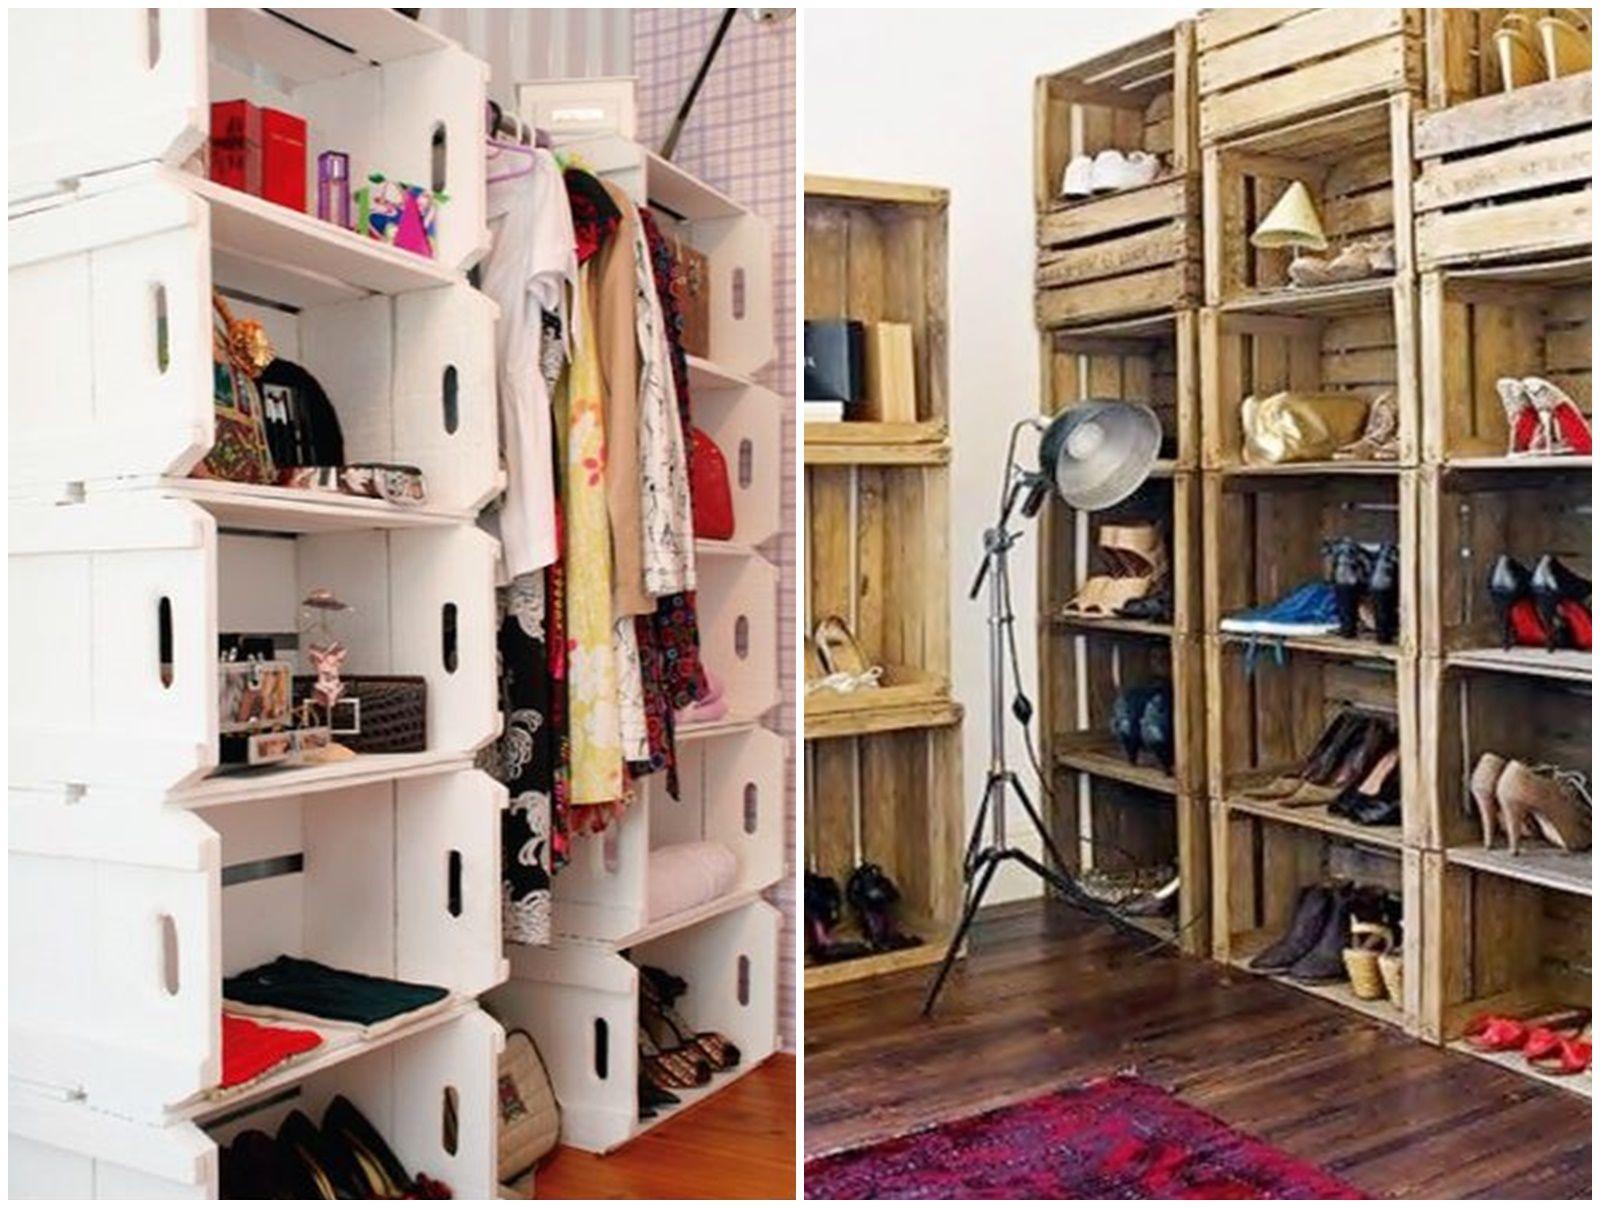 Closet feito com caixotes de feira decoracion for Decoracion hogar artesanal